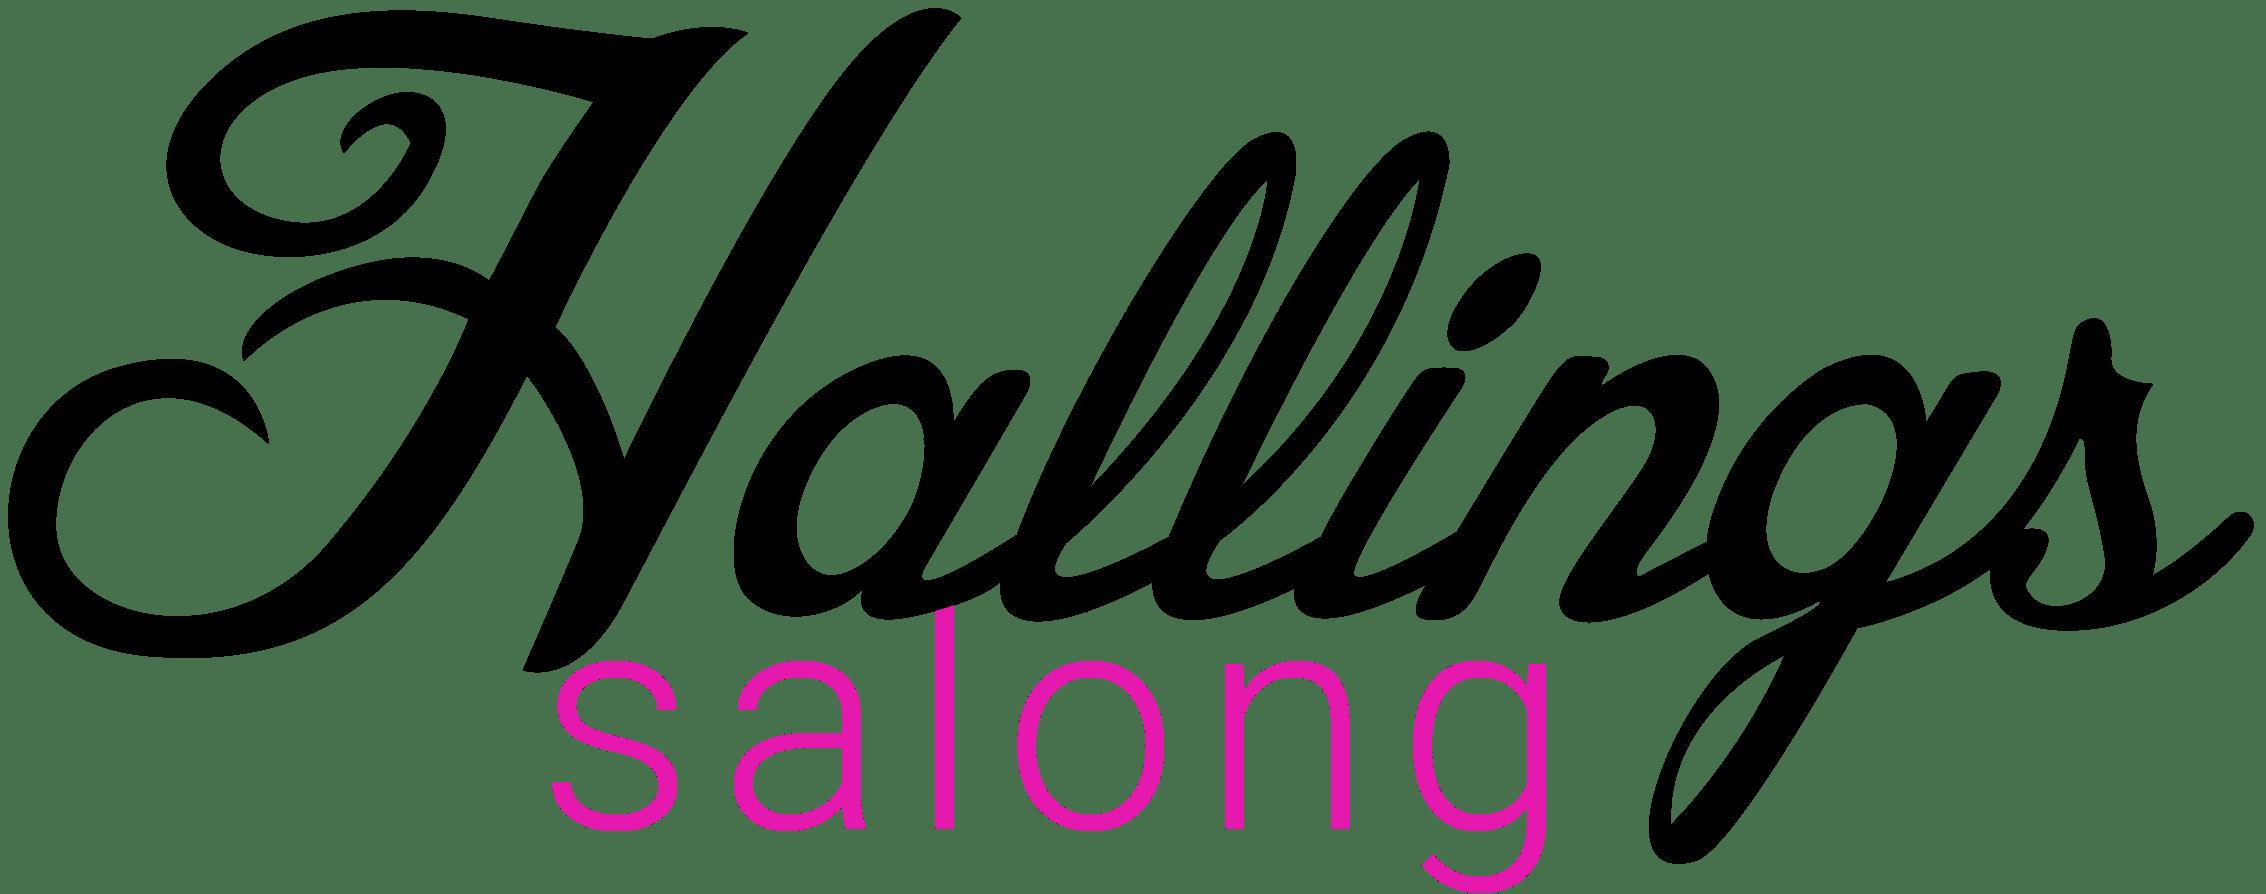 Hallings Frisörsalong Norrköping: Logga